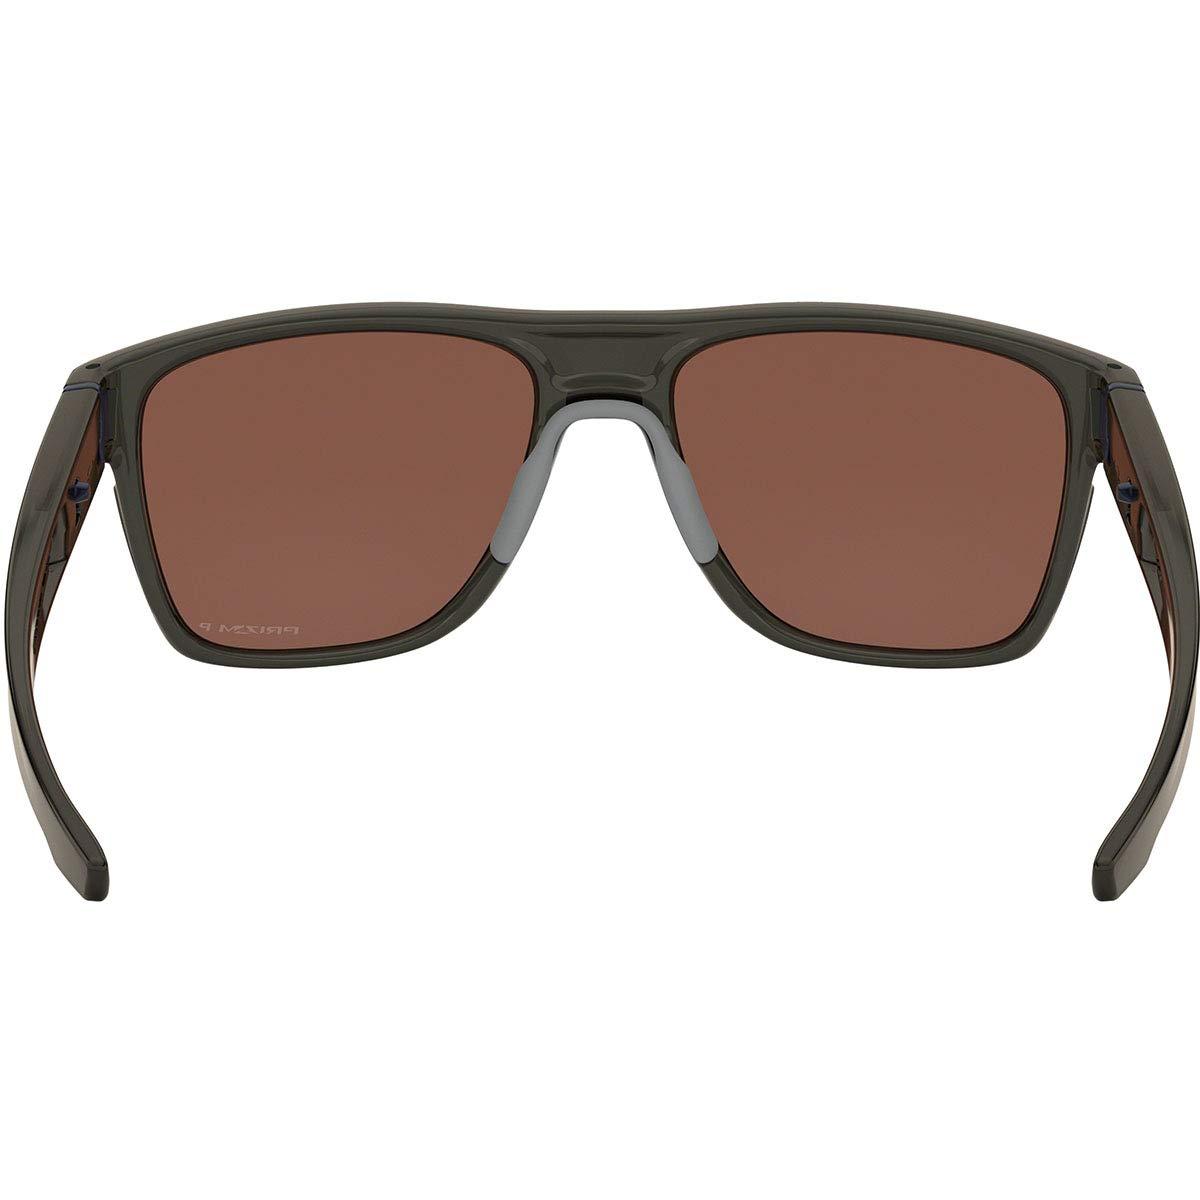 211bc6bcaa Oakley Crossrange XL Gafas de sol, Grey Smoke, 58 para Hombre: Amazon.es:  Ropa y accesorios